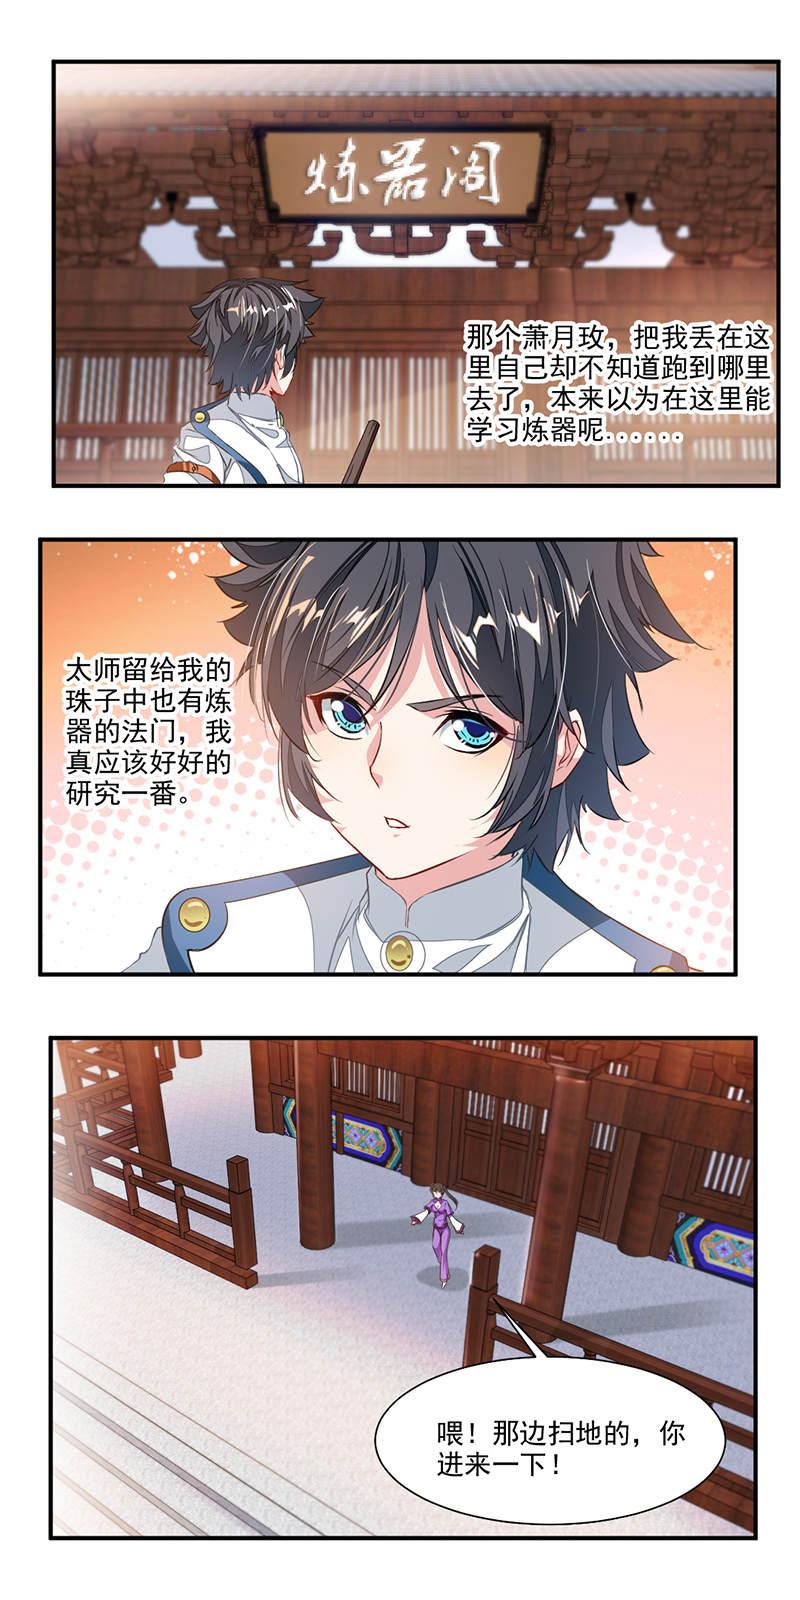 九阳神王第62话  炼器入门(万圣节福利) 第 4